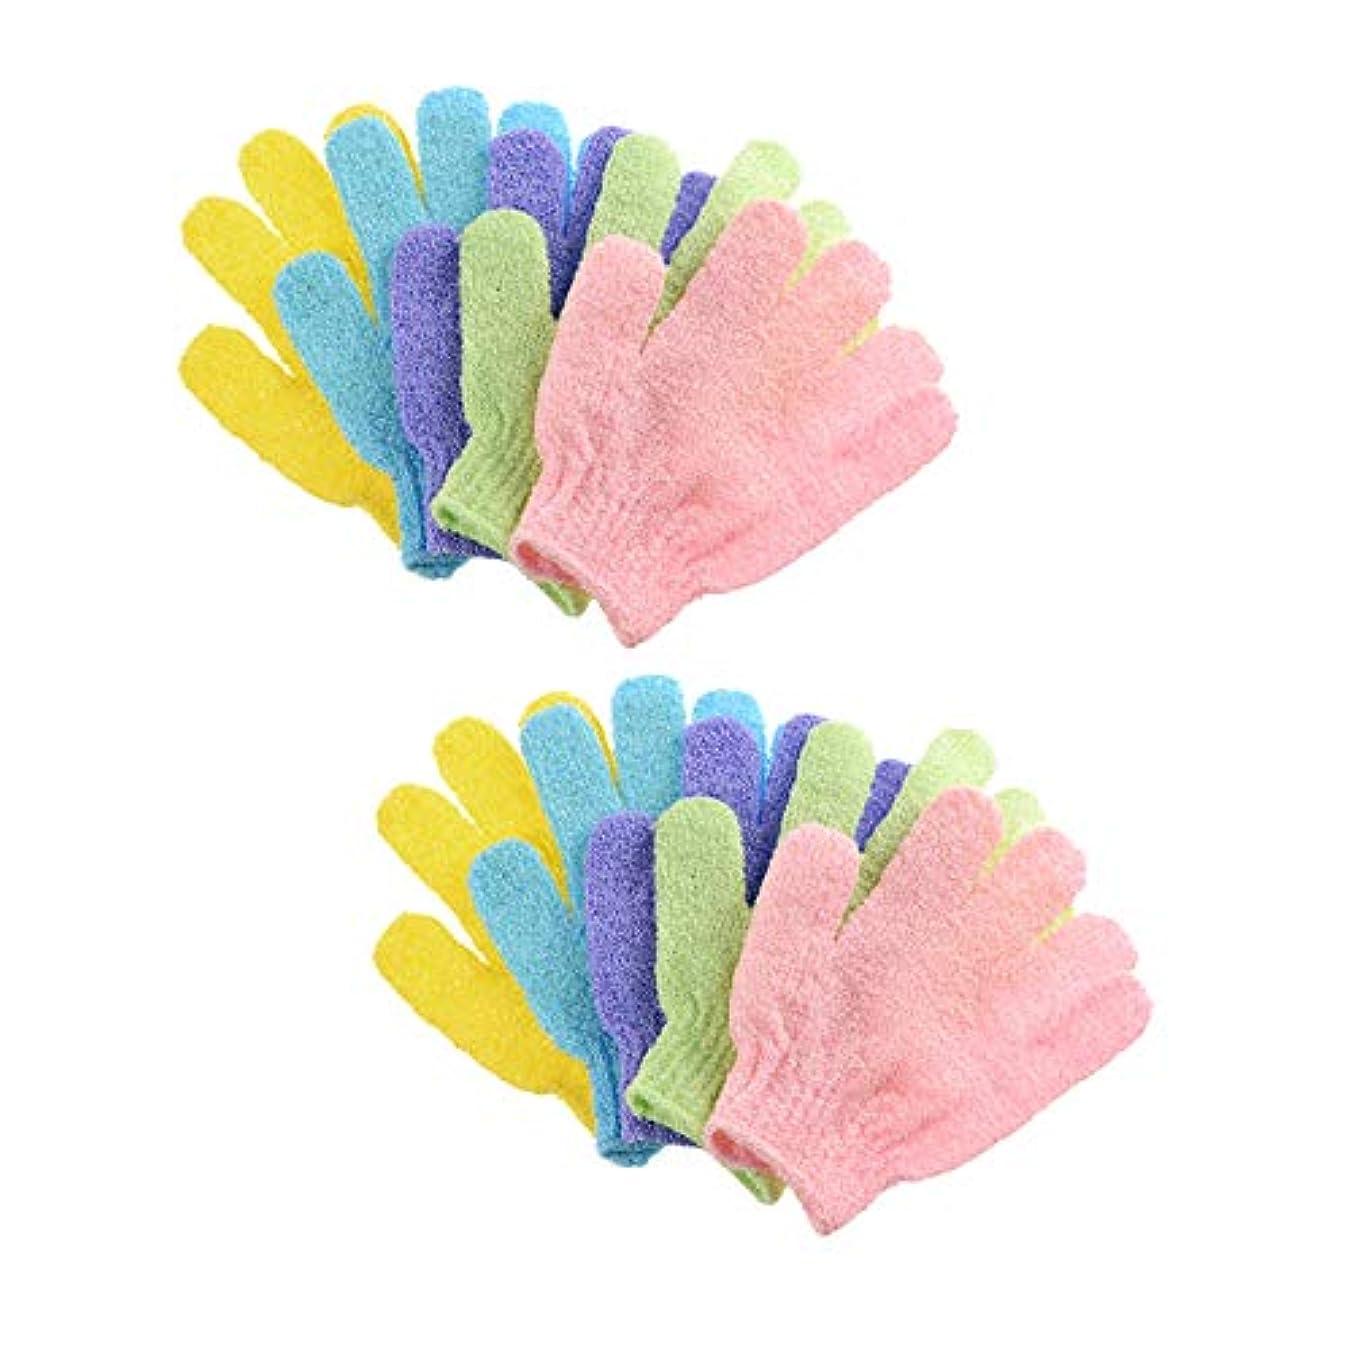 ボスバスルームメアリアンジョーンズ浴用手袋 入浴用手袋 お風呂用手袋 5ペア角質除去バスグローブ 抗菌加工 ボディタオル シャワーボディーグローブ 両面スクラブバスグローブボディスクラブエクスフォリエーター用 男女兼用